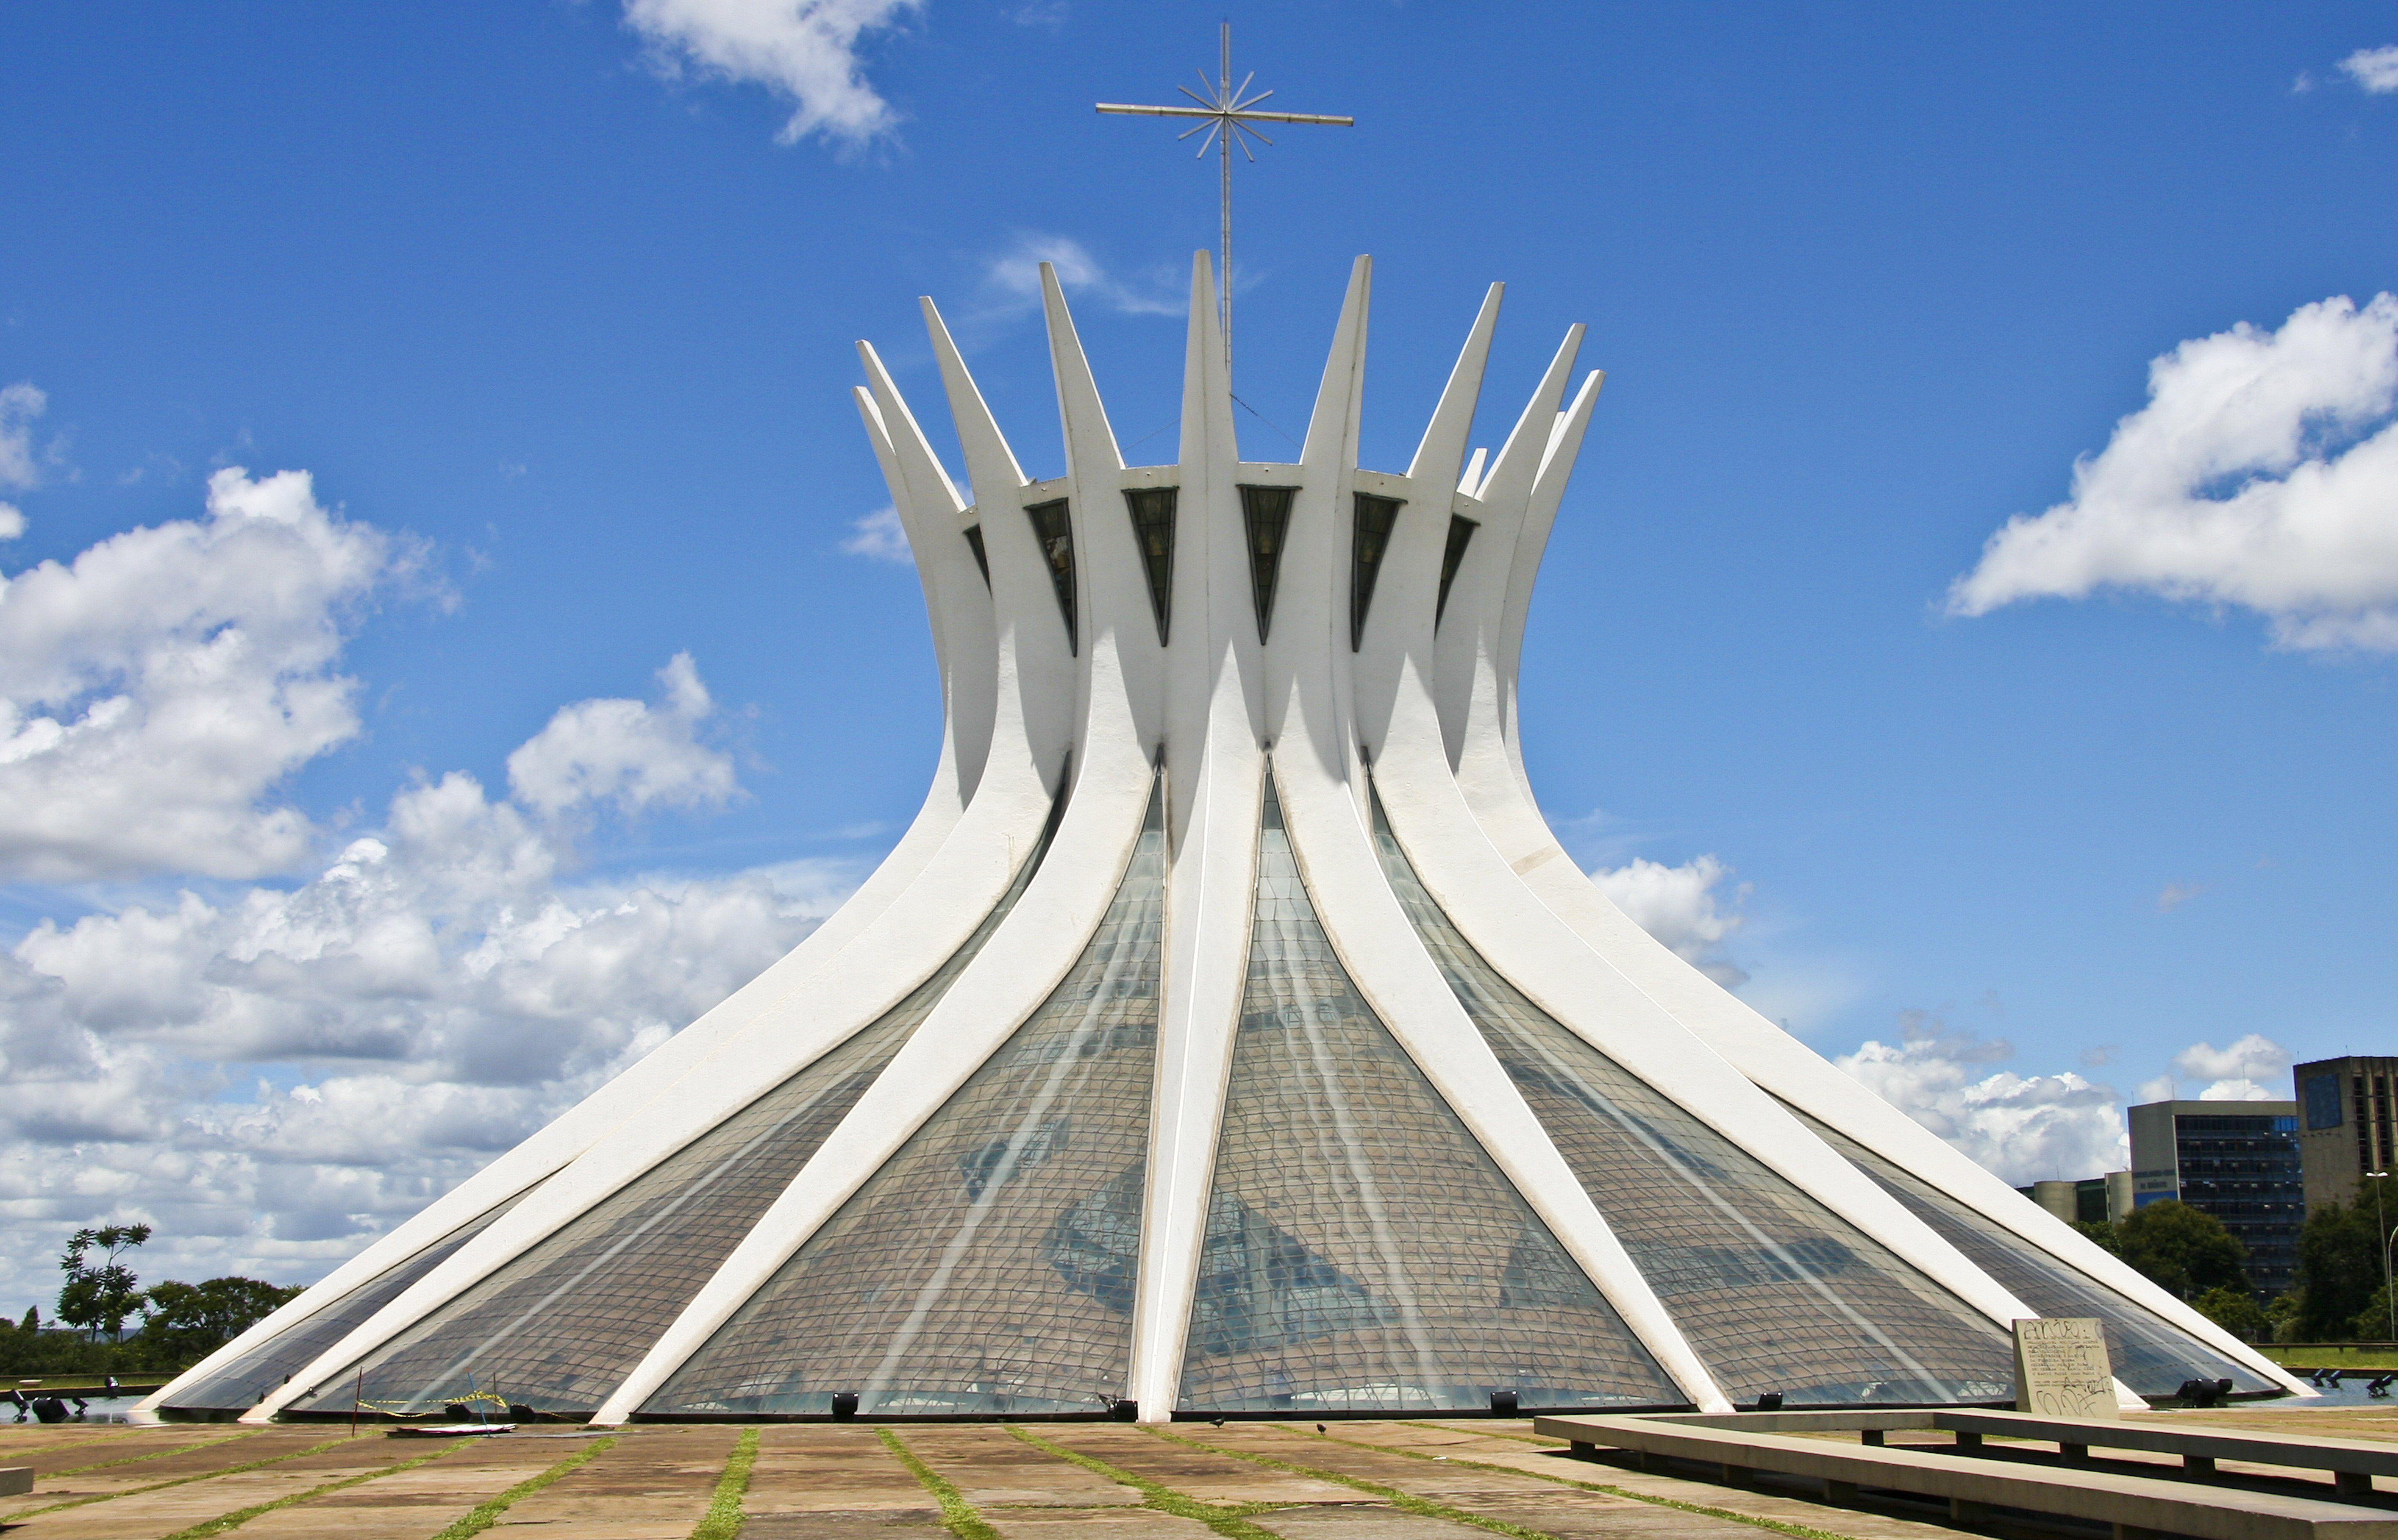 7250a8a1ddc9 Oscar Niemeyer - Photo Portfolio of Selected Works